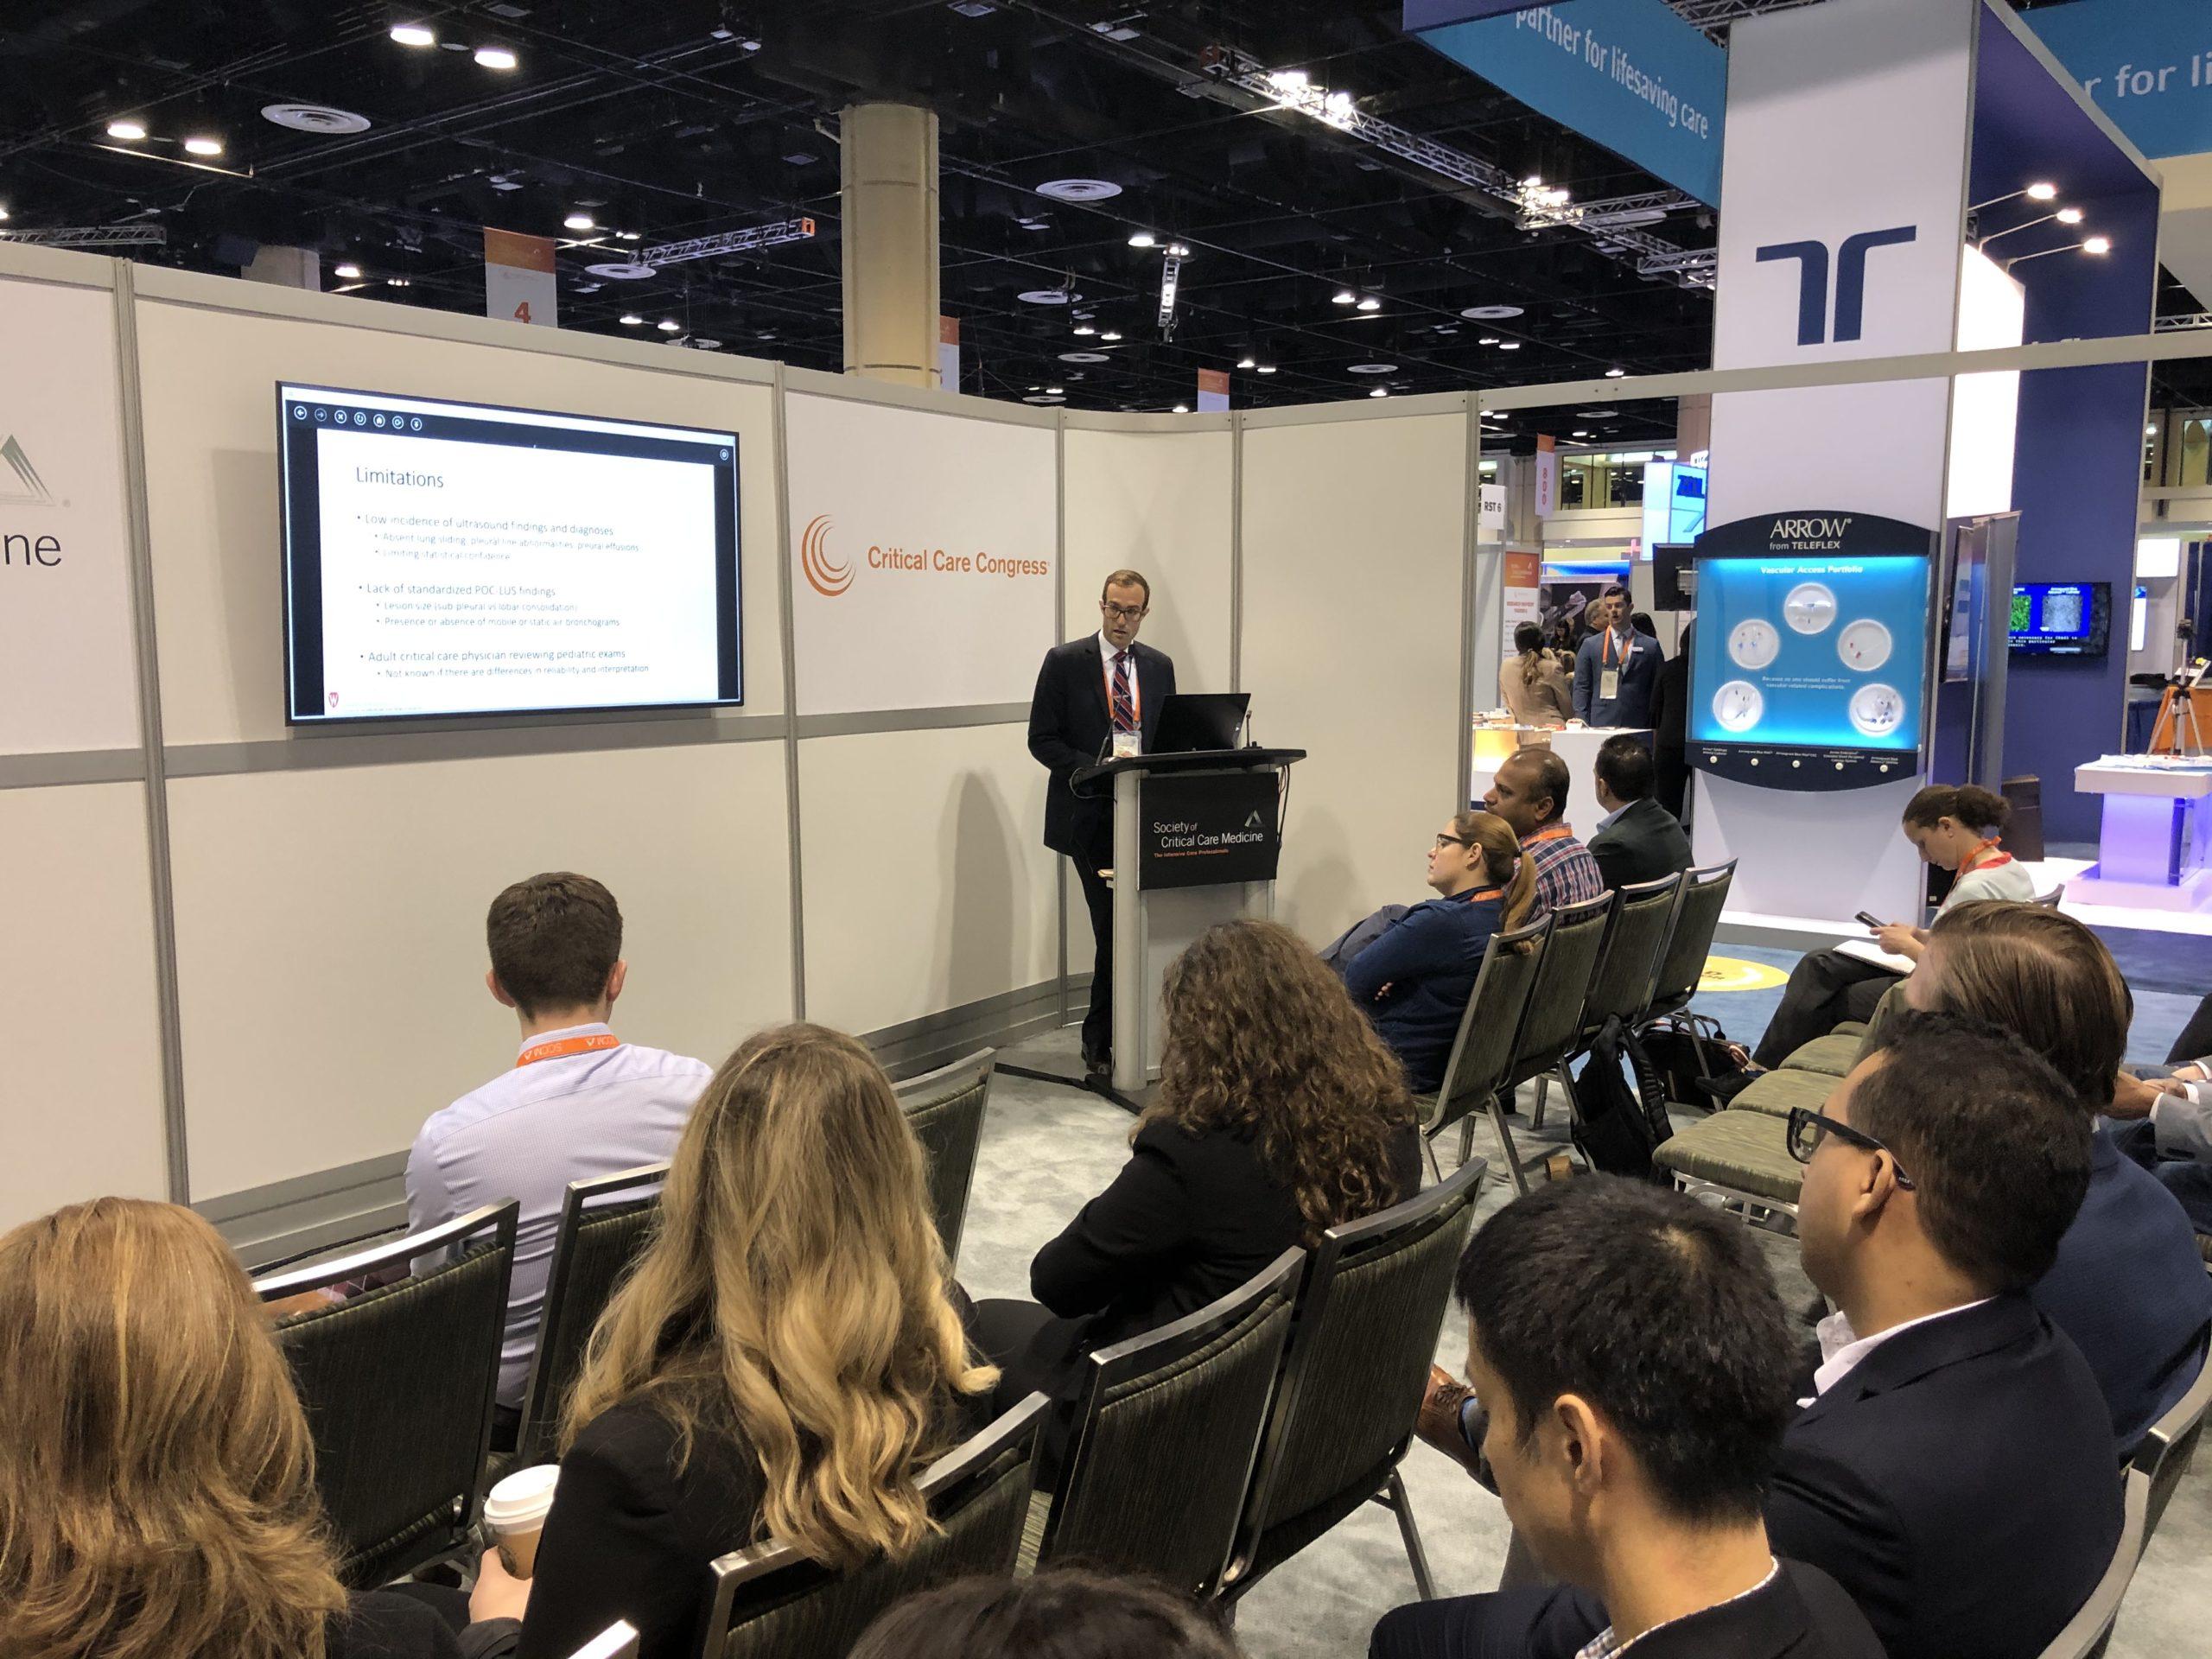 Dr. Ryan DeSanti giving a presentation